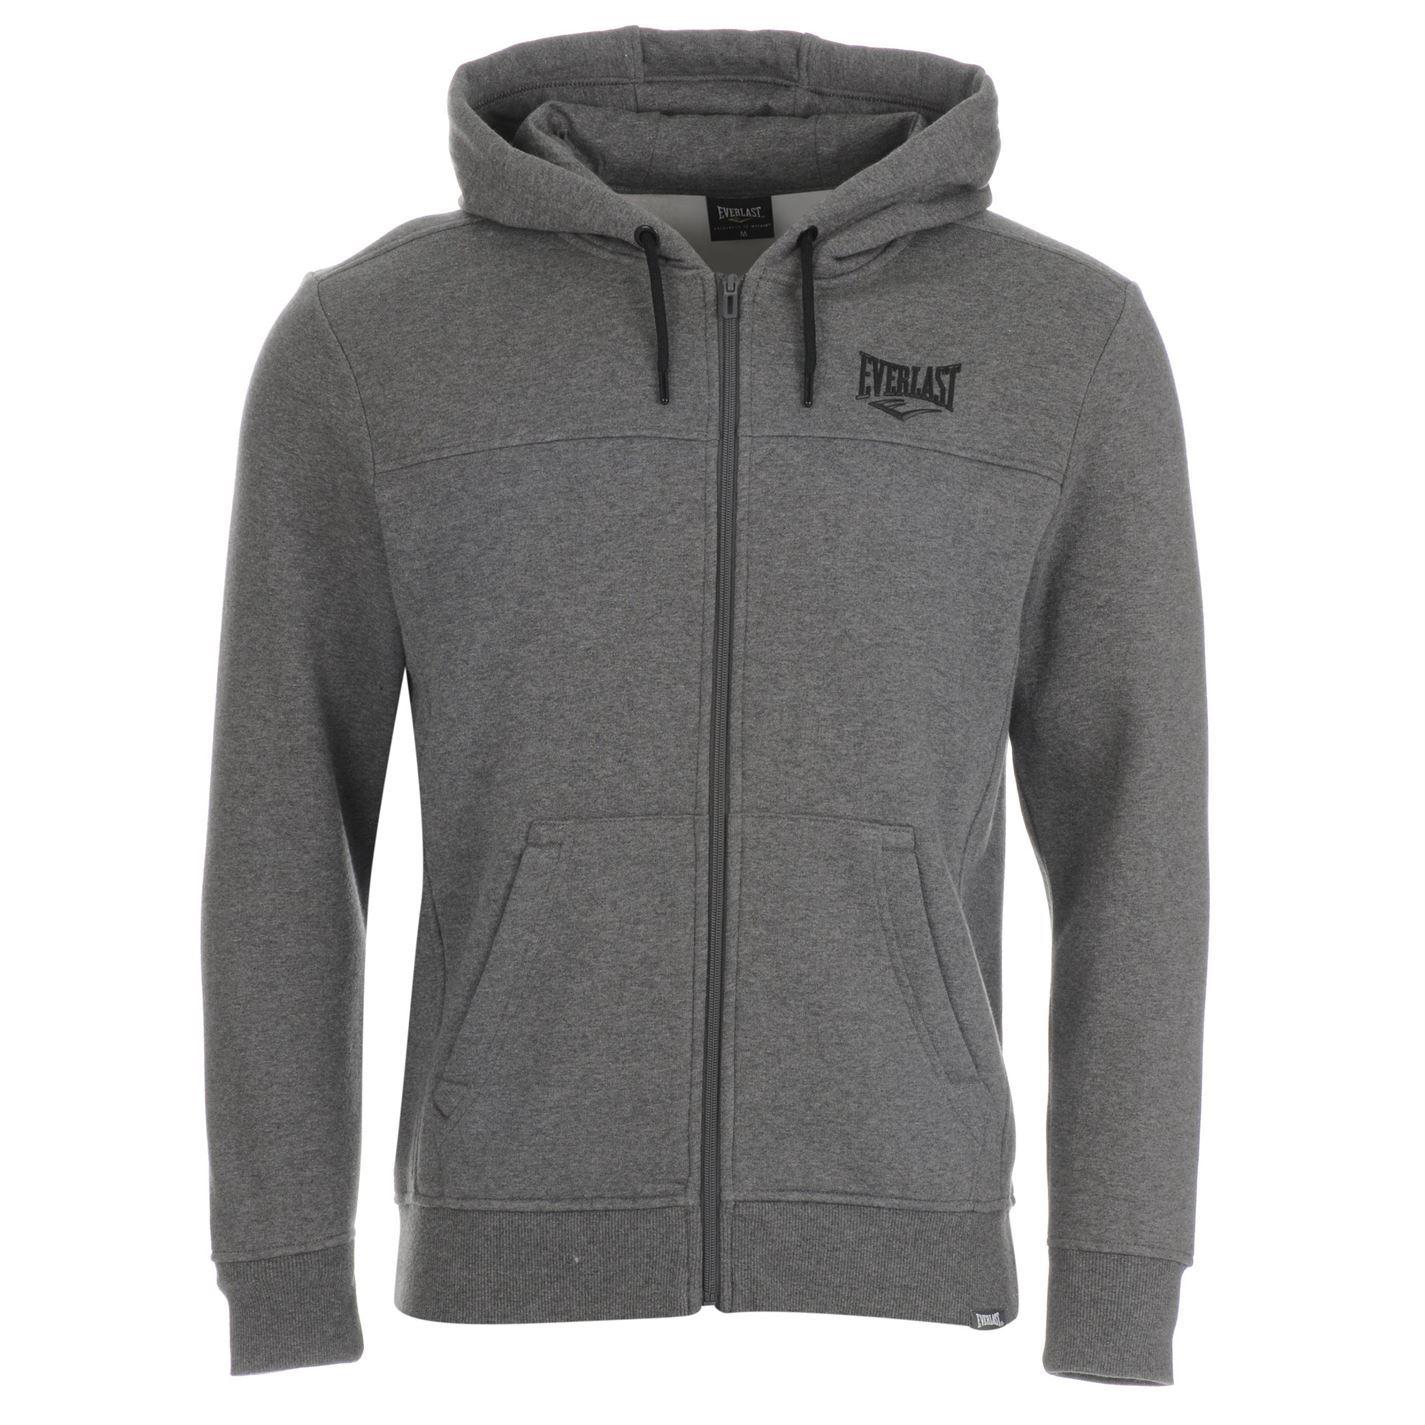 Everlast hoodies